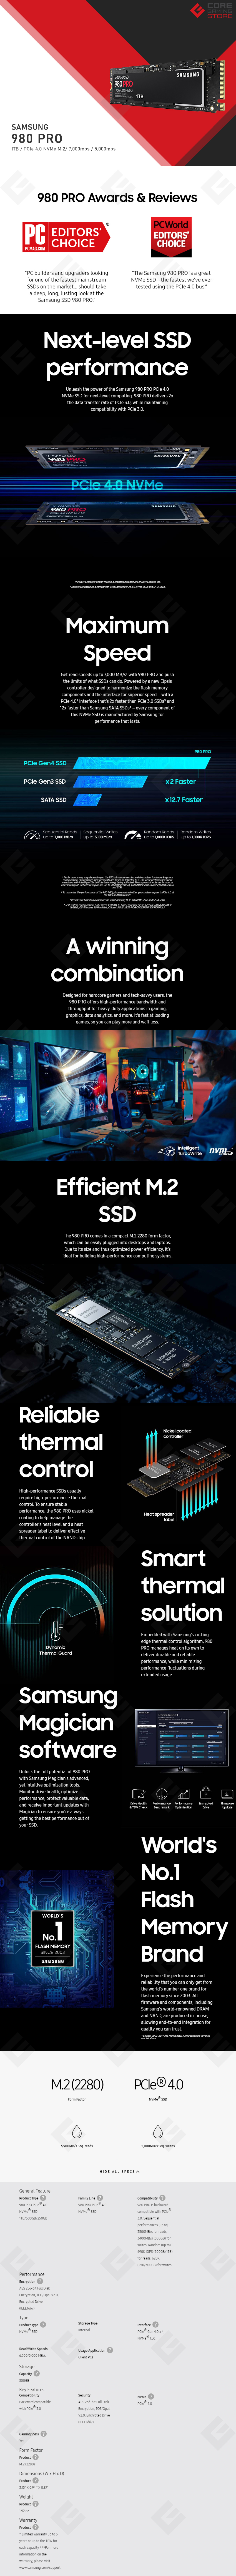 Unidad de Estado Solido SSD NVMe M.2 Samsung 980 Pro, 1TB, 7,000/5,000 Mb/s, PCI Express 4.0